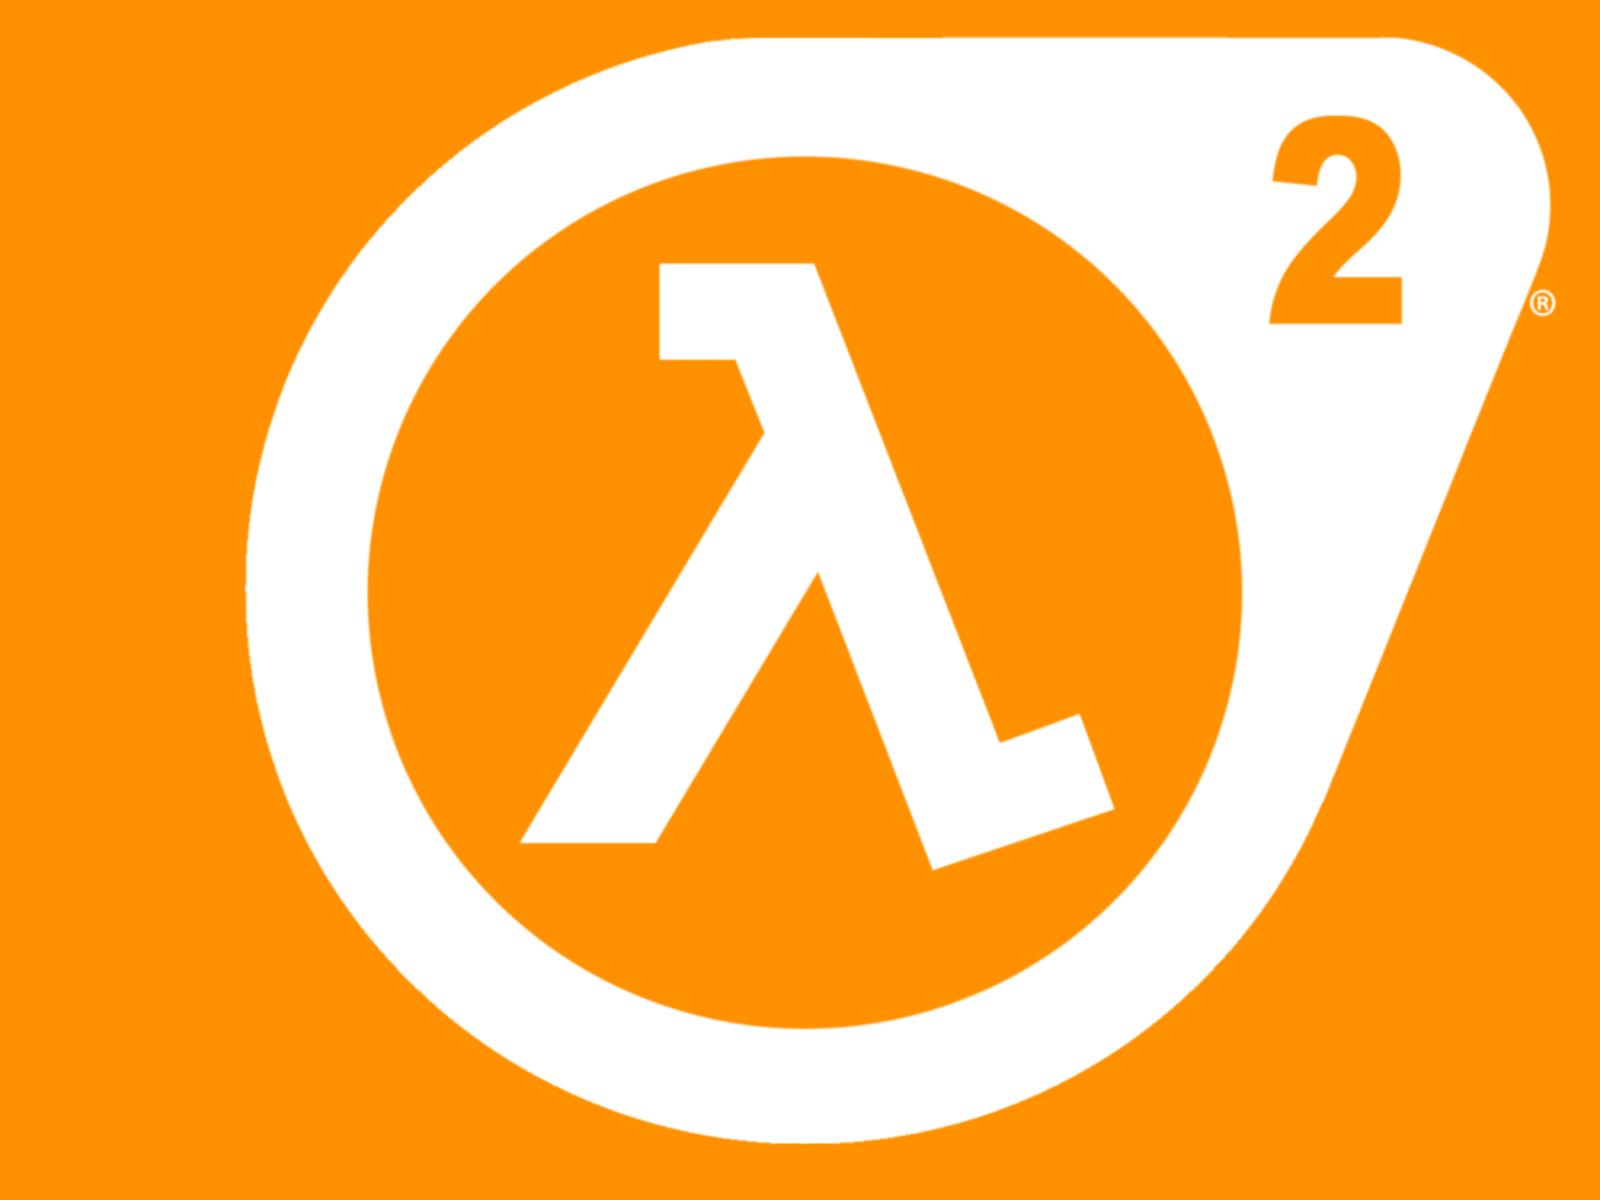 Half Life 2 Mod Puts The Sequel Inside Of The Original